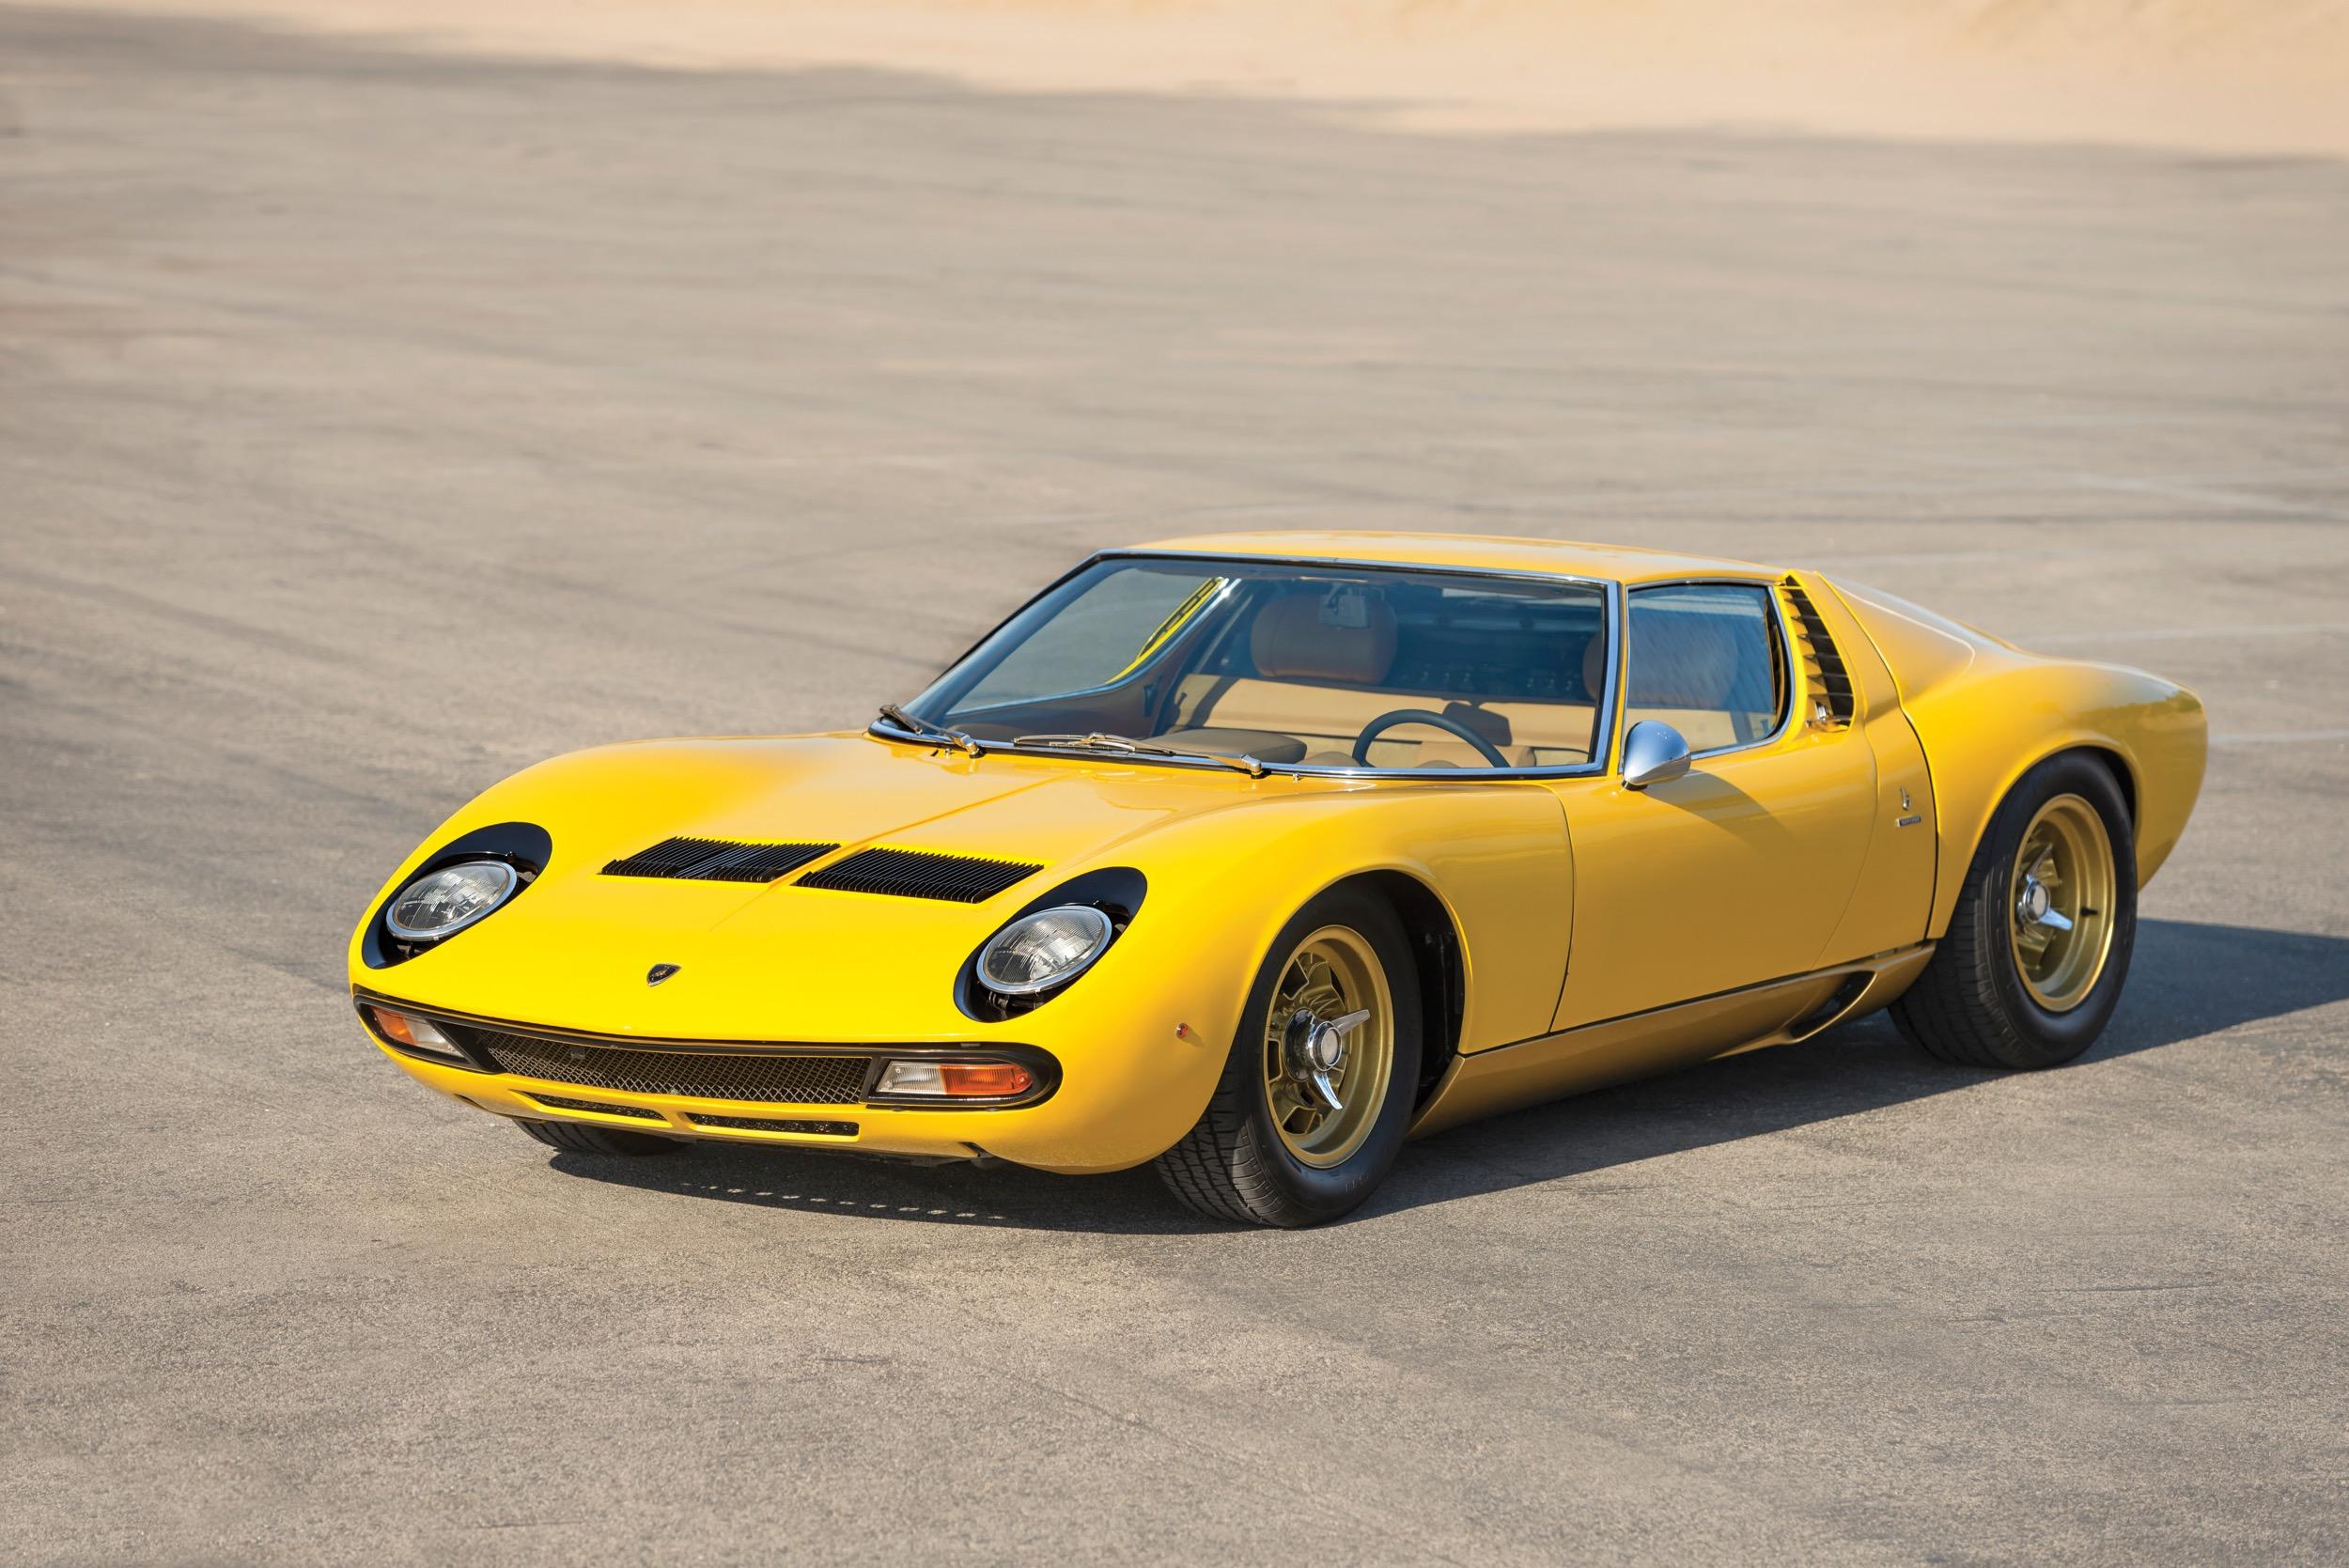 Lamborghini Miura Collection Radicalmag